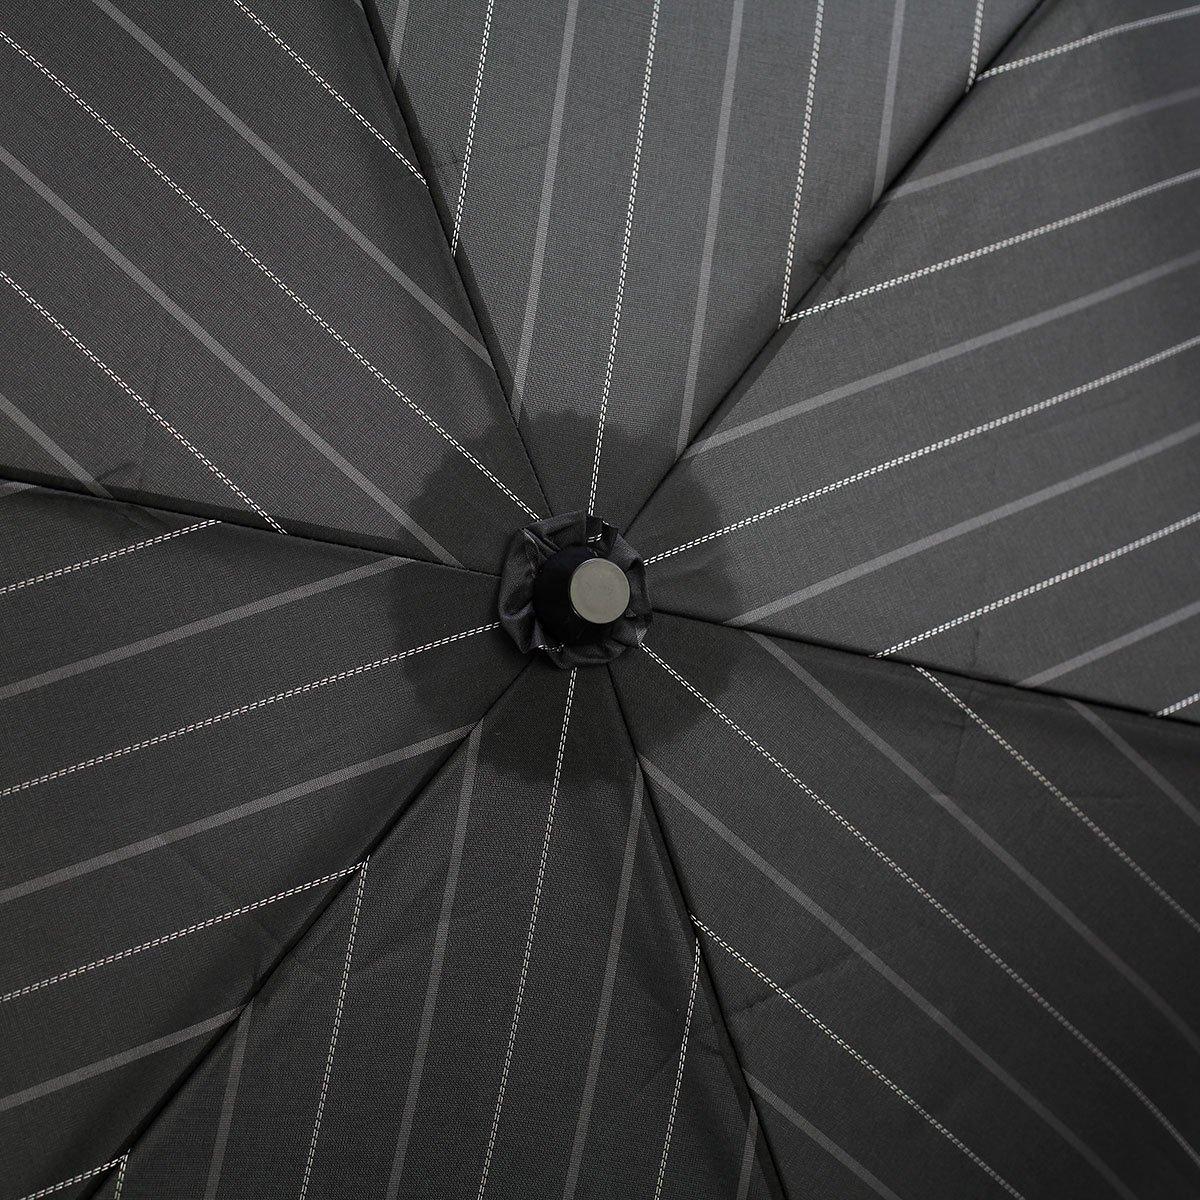 オルタネートストライプ 折りたたみ傘 詳細画像7